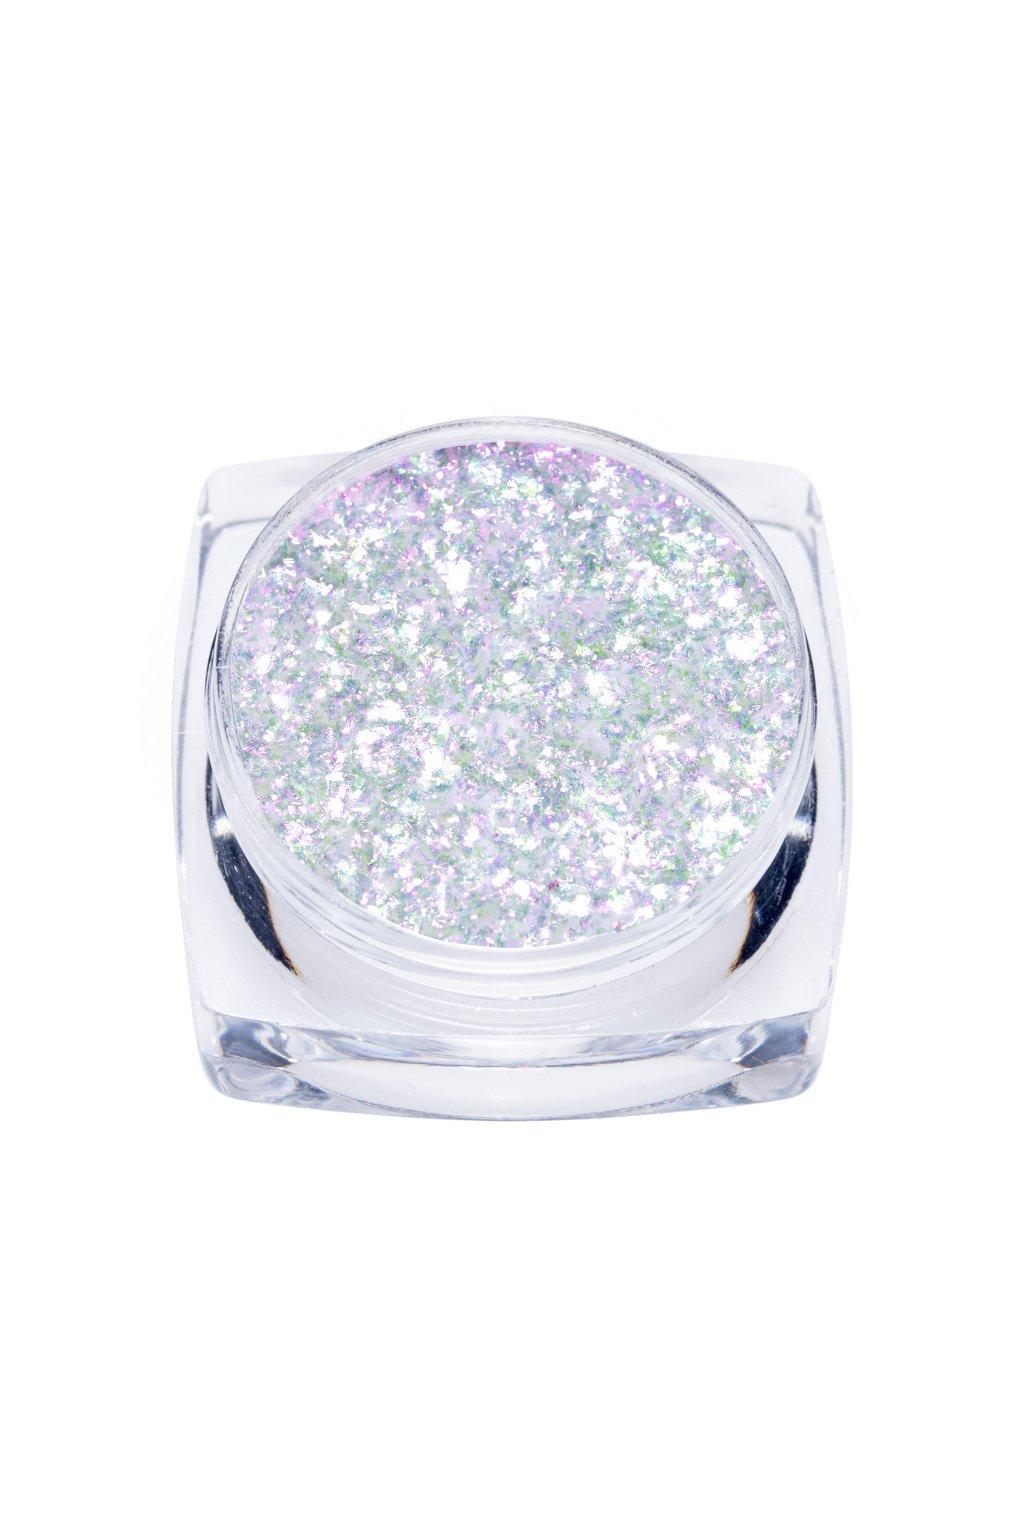 23798 diamond dust purple